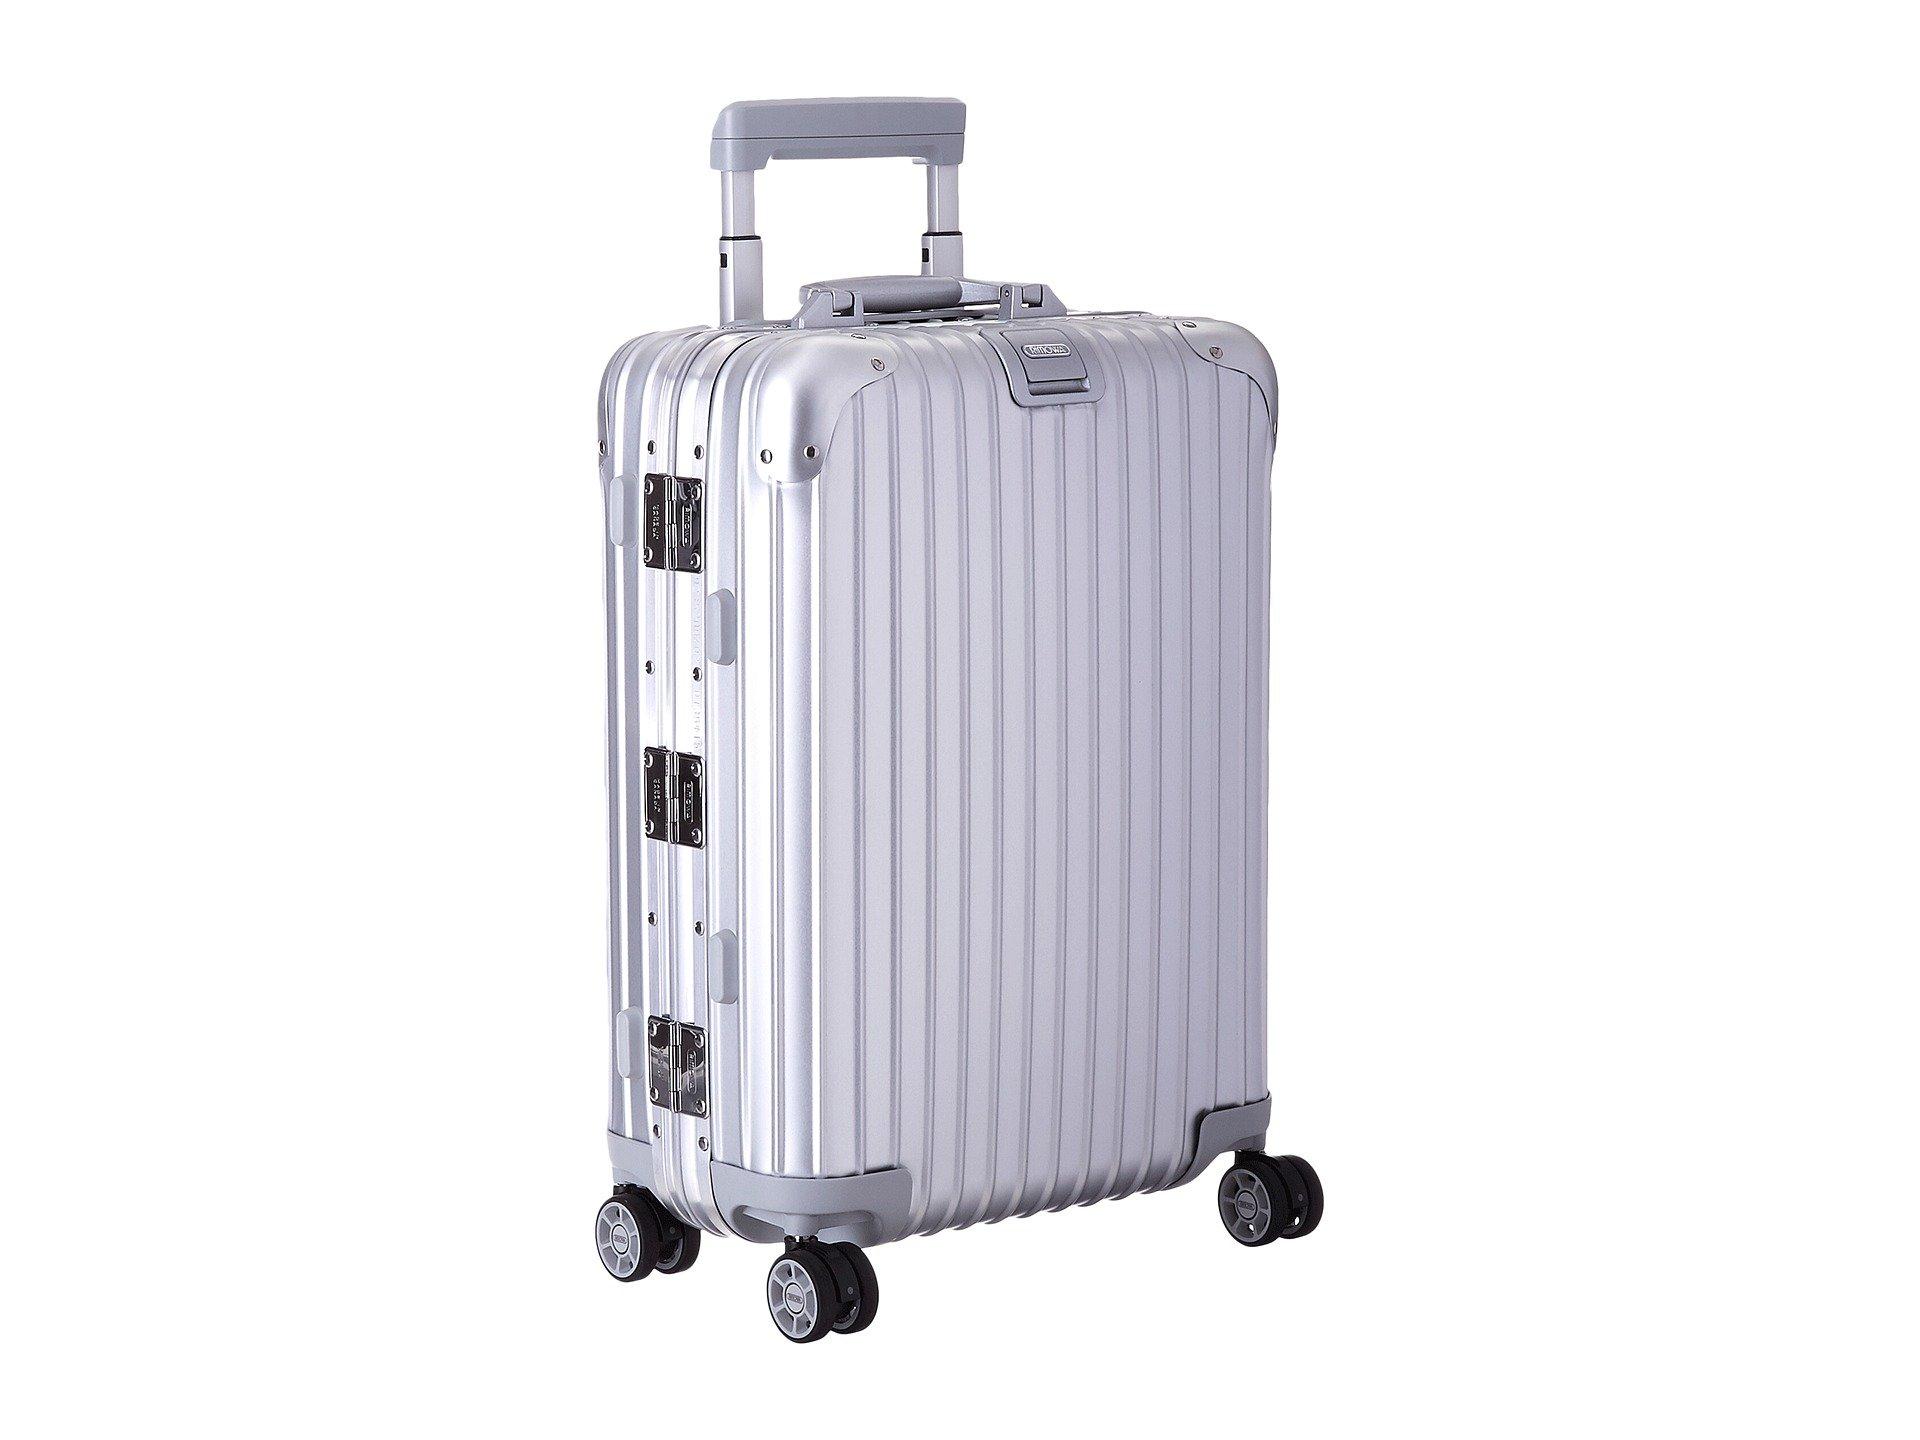 30% off select Rimowa Multiwheel luggage $437.99